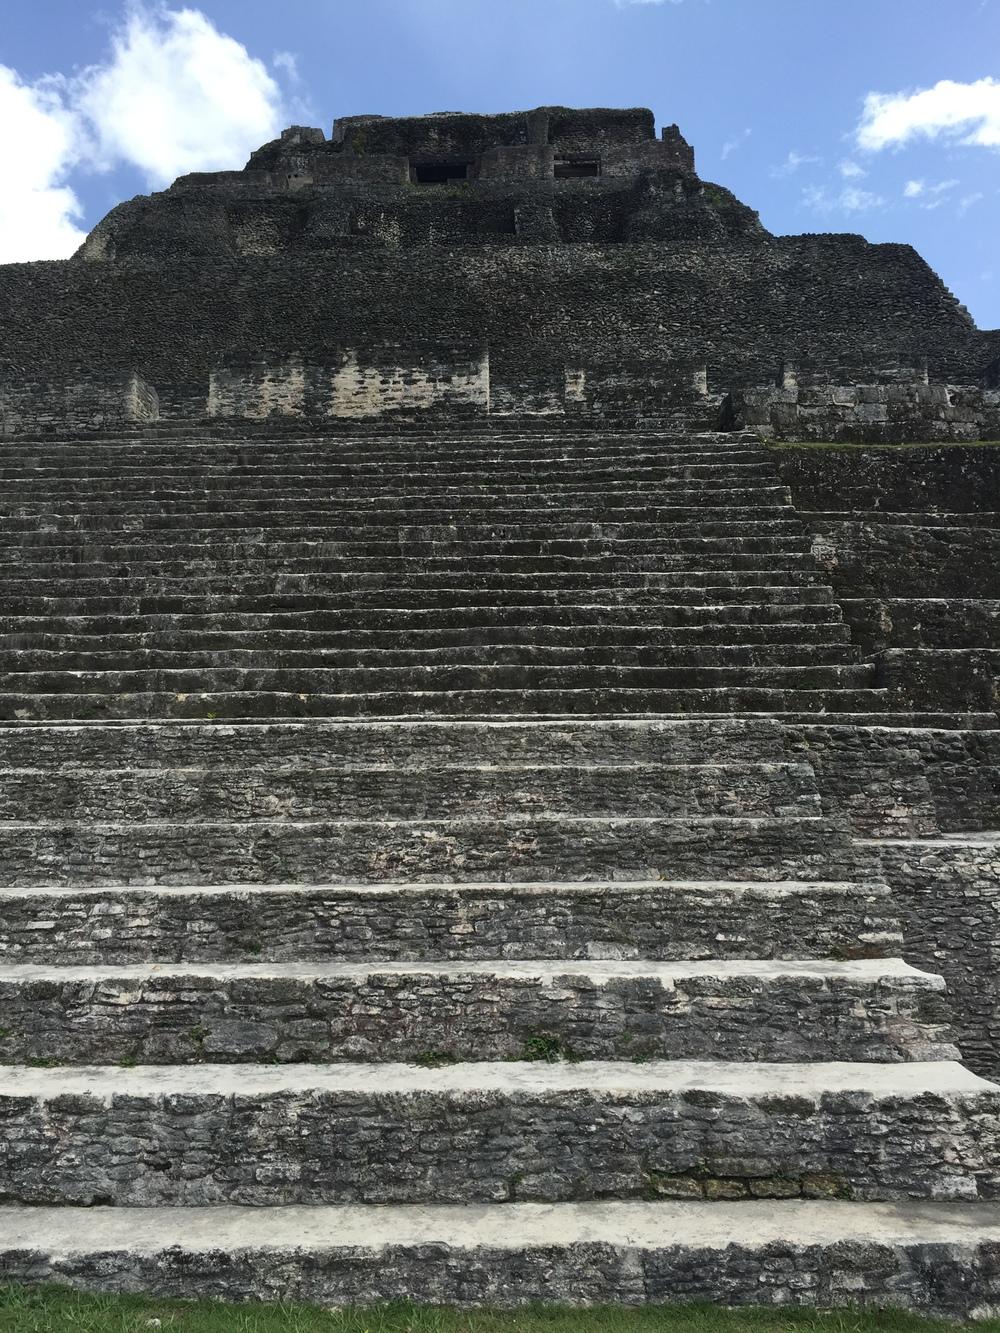 El Castillo, Xunantunich.